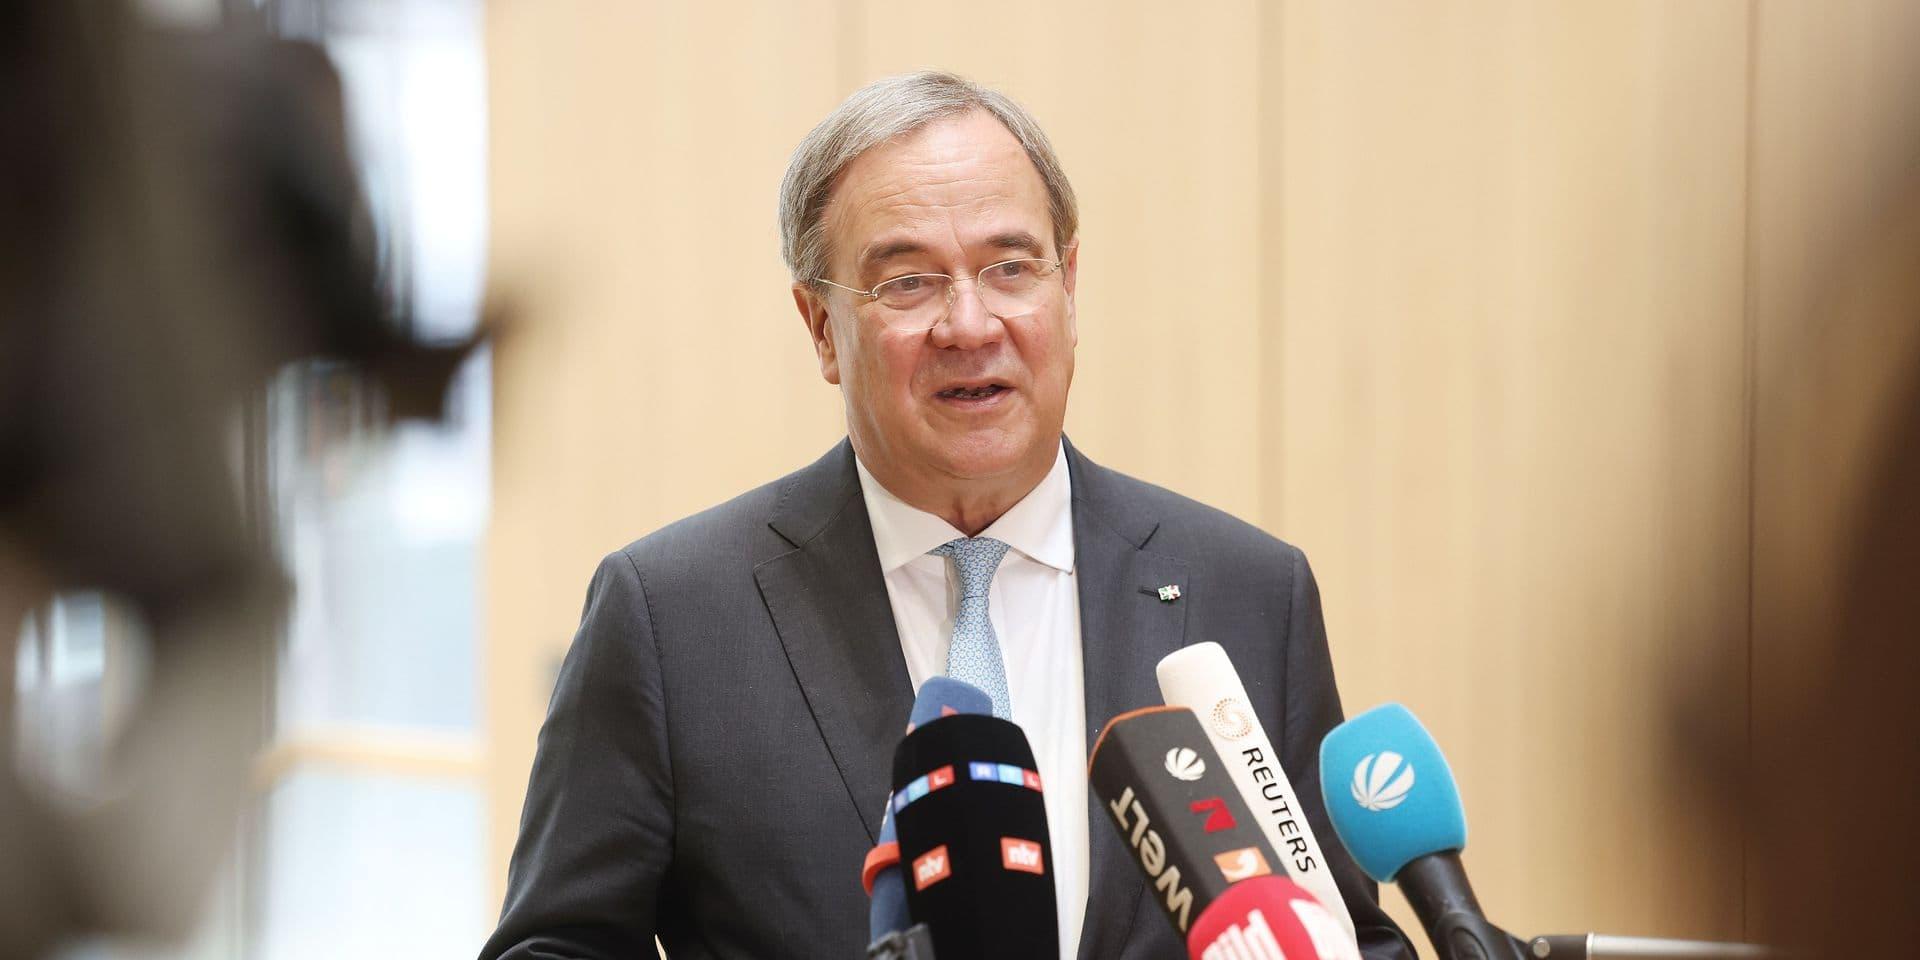 Allemagne: après son revers aux élections, Armin Laschet se dit prêt à quitter son poste de président de la CDU